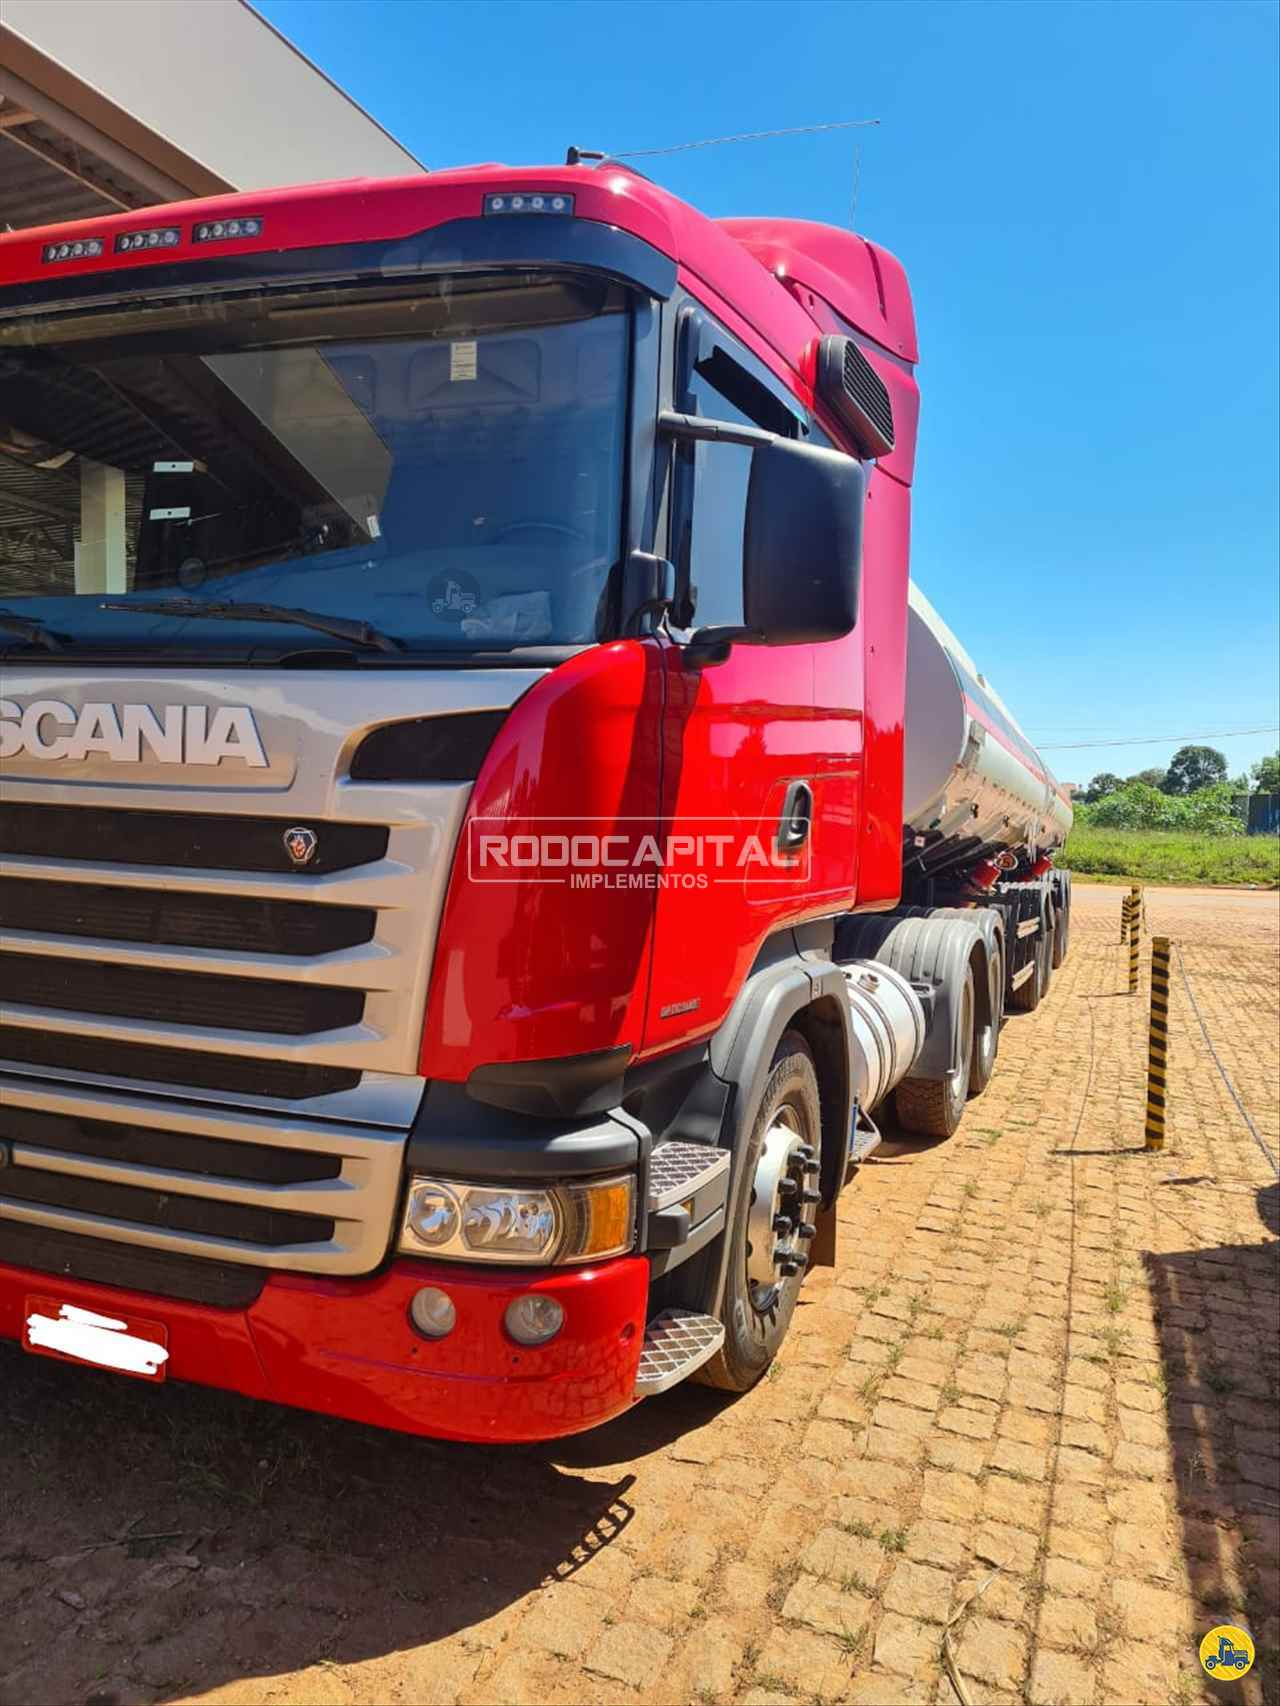 CAMINHAO SCANIA SCANIA 440 Cavalo Mecânico Truck 6x2 RODOCAPITAL Implementos BRASILIA DISTRITO FEDERAL DF